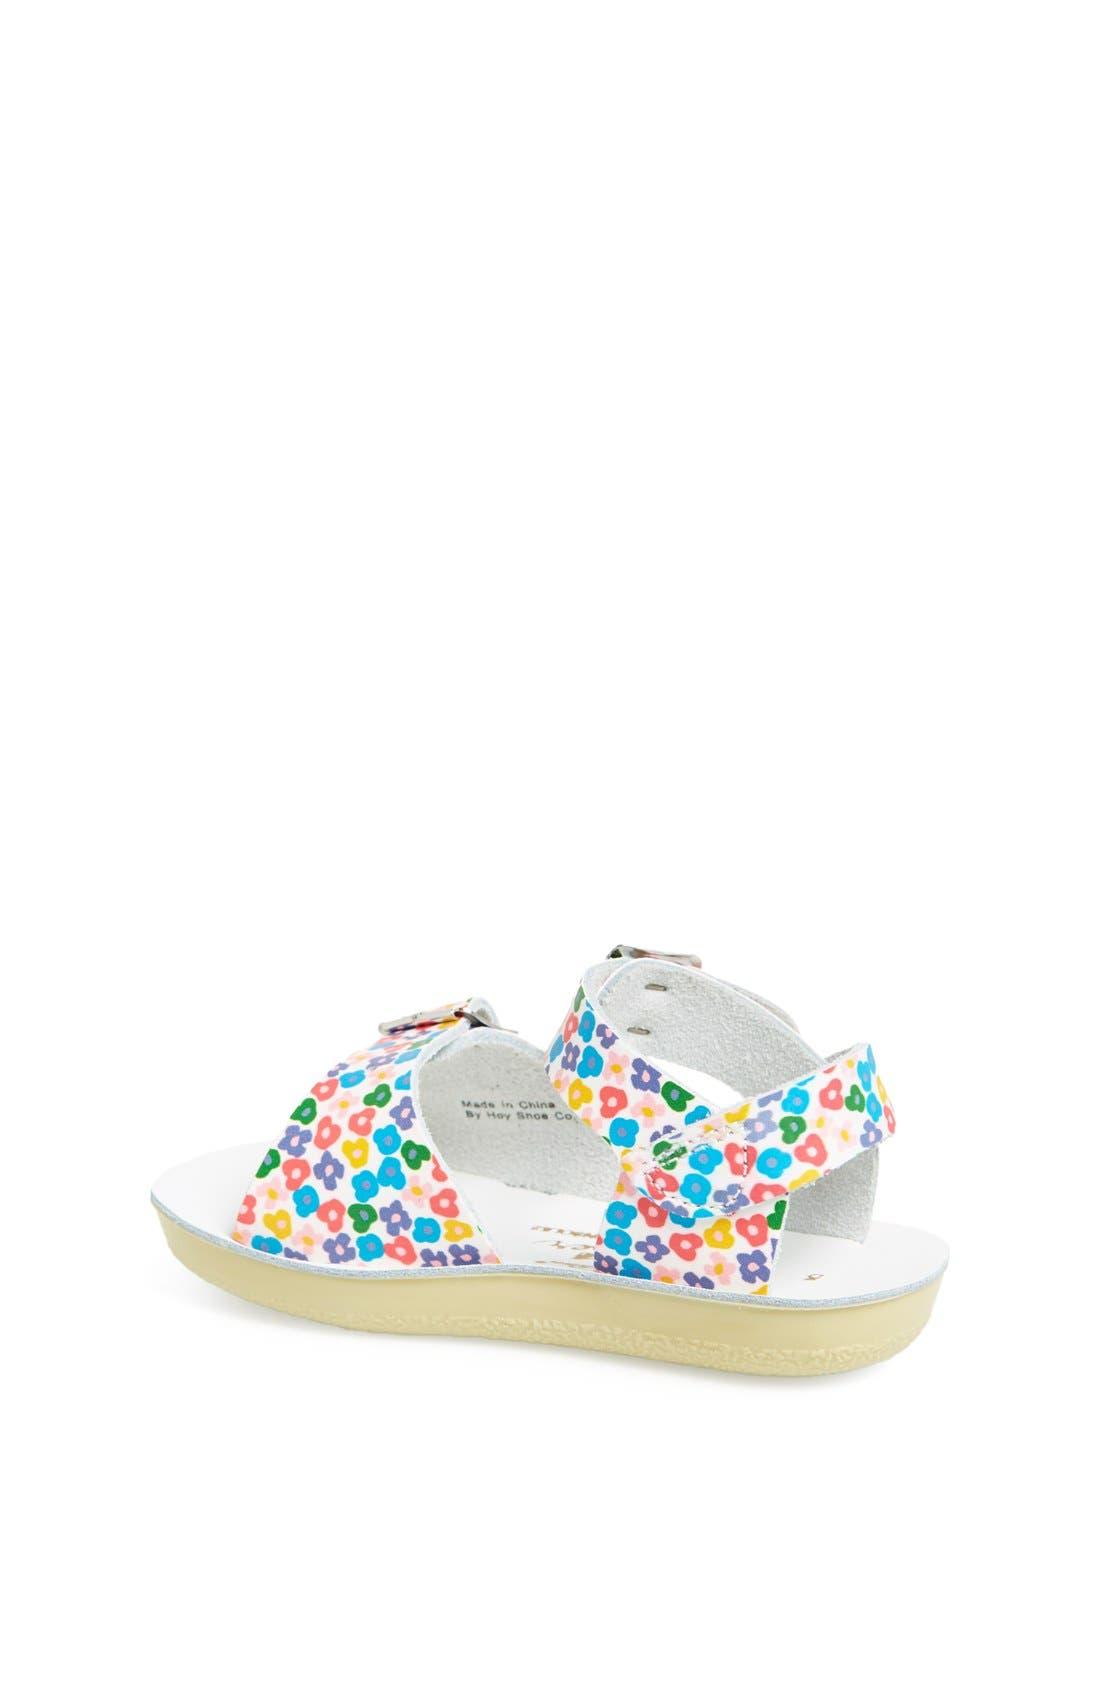 Alternate Image 2  - Salt Water Sandals by Hoy 'Surfer' Sandal (Baby & Walker)